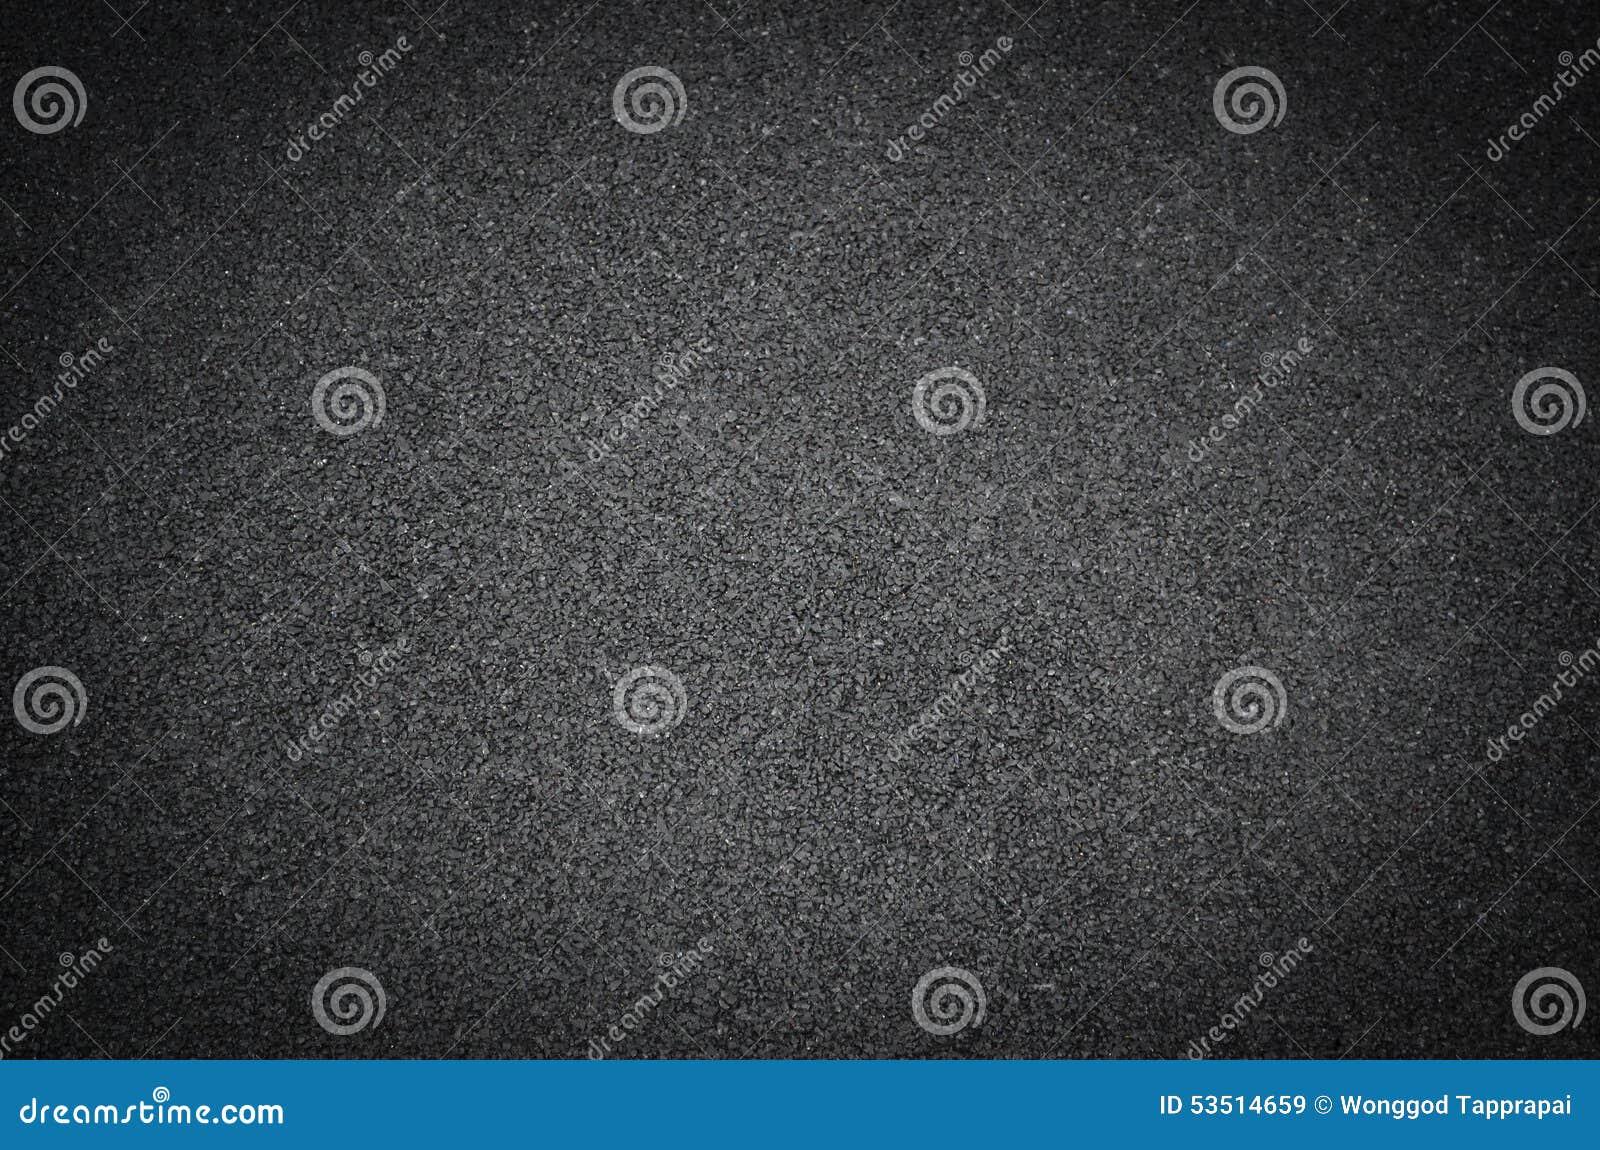 Black road background or texture, Asphalt